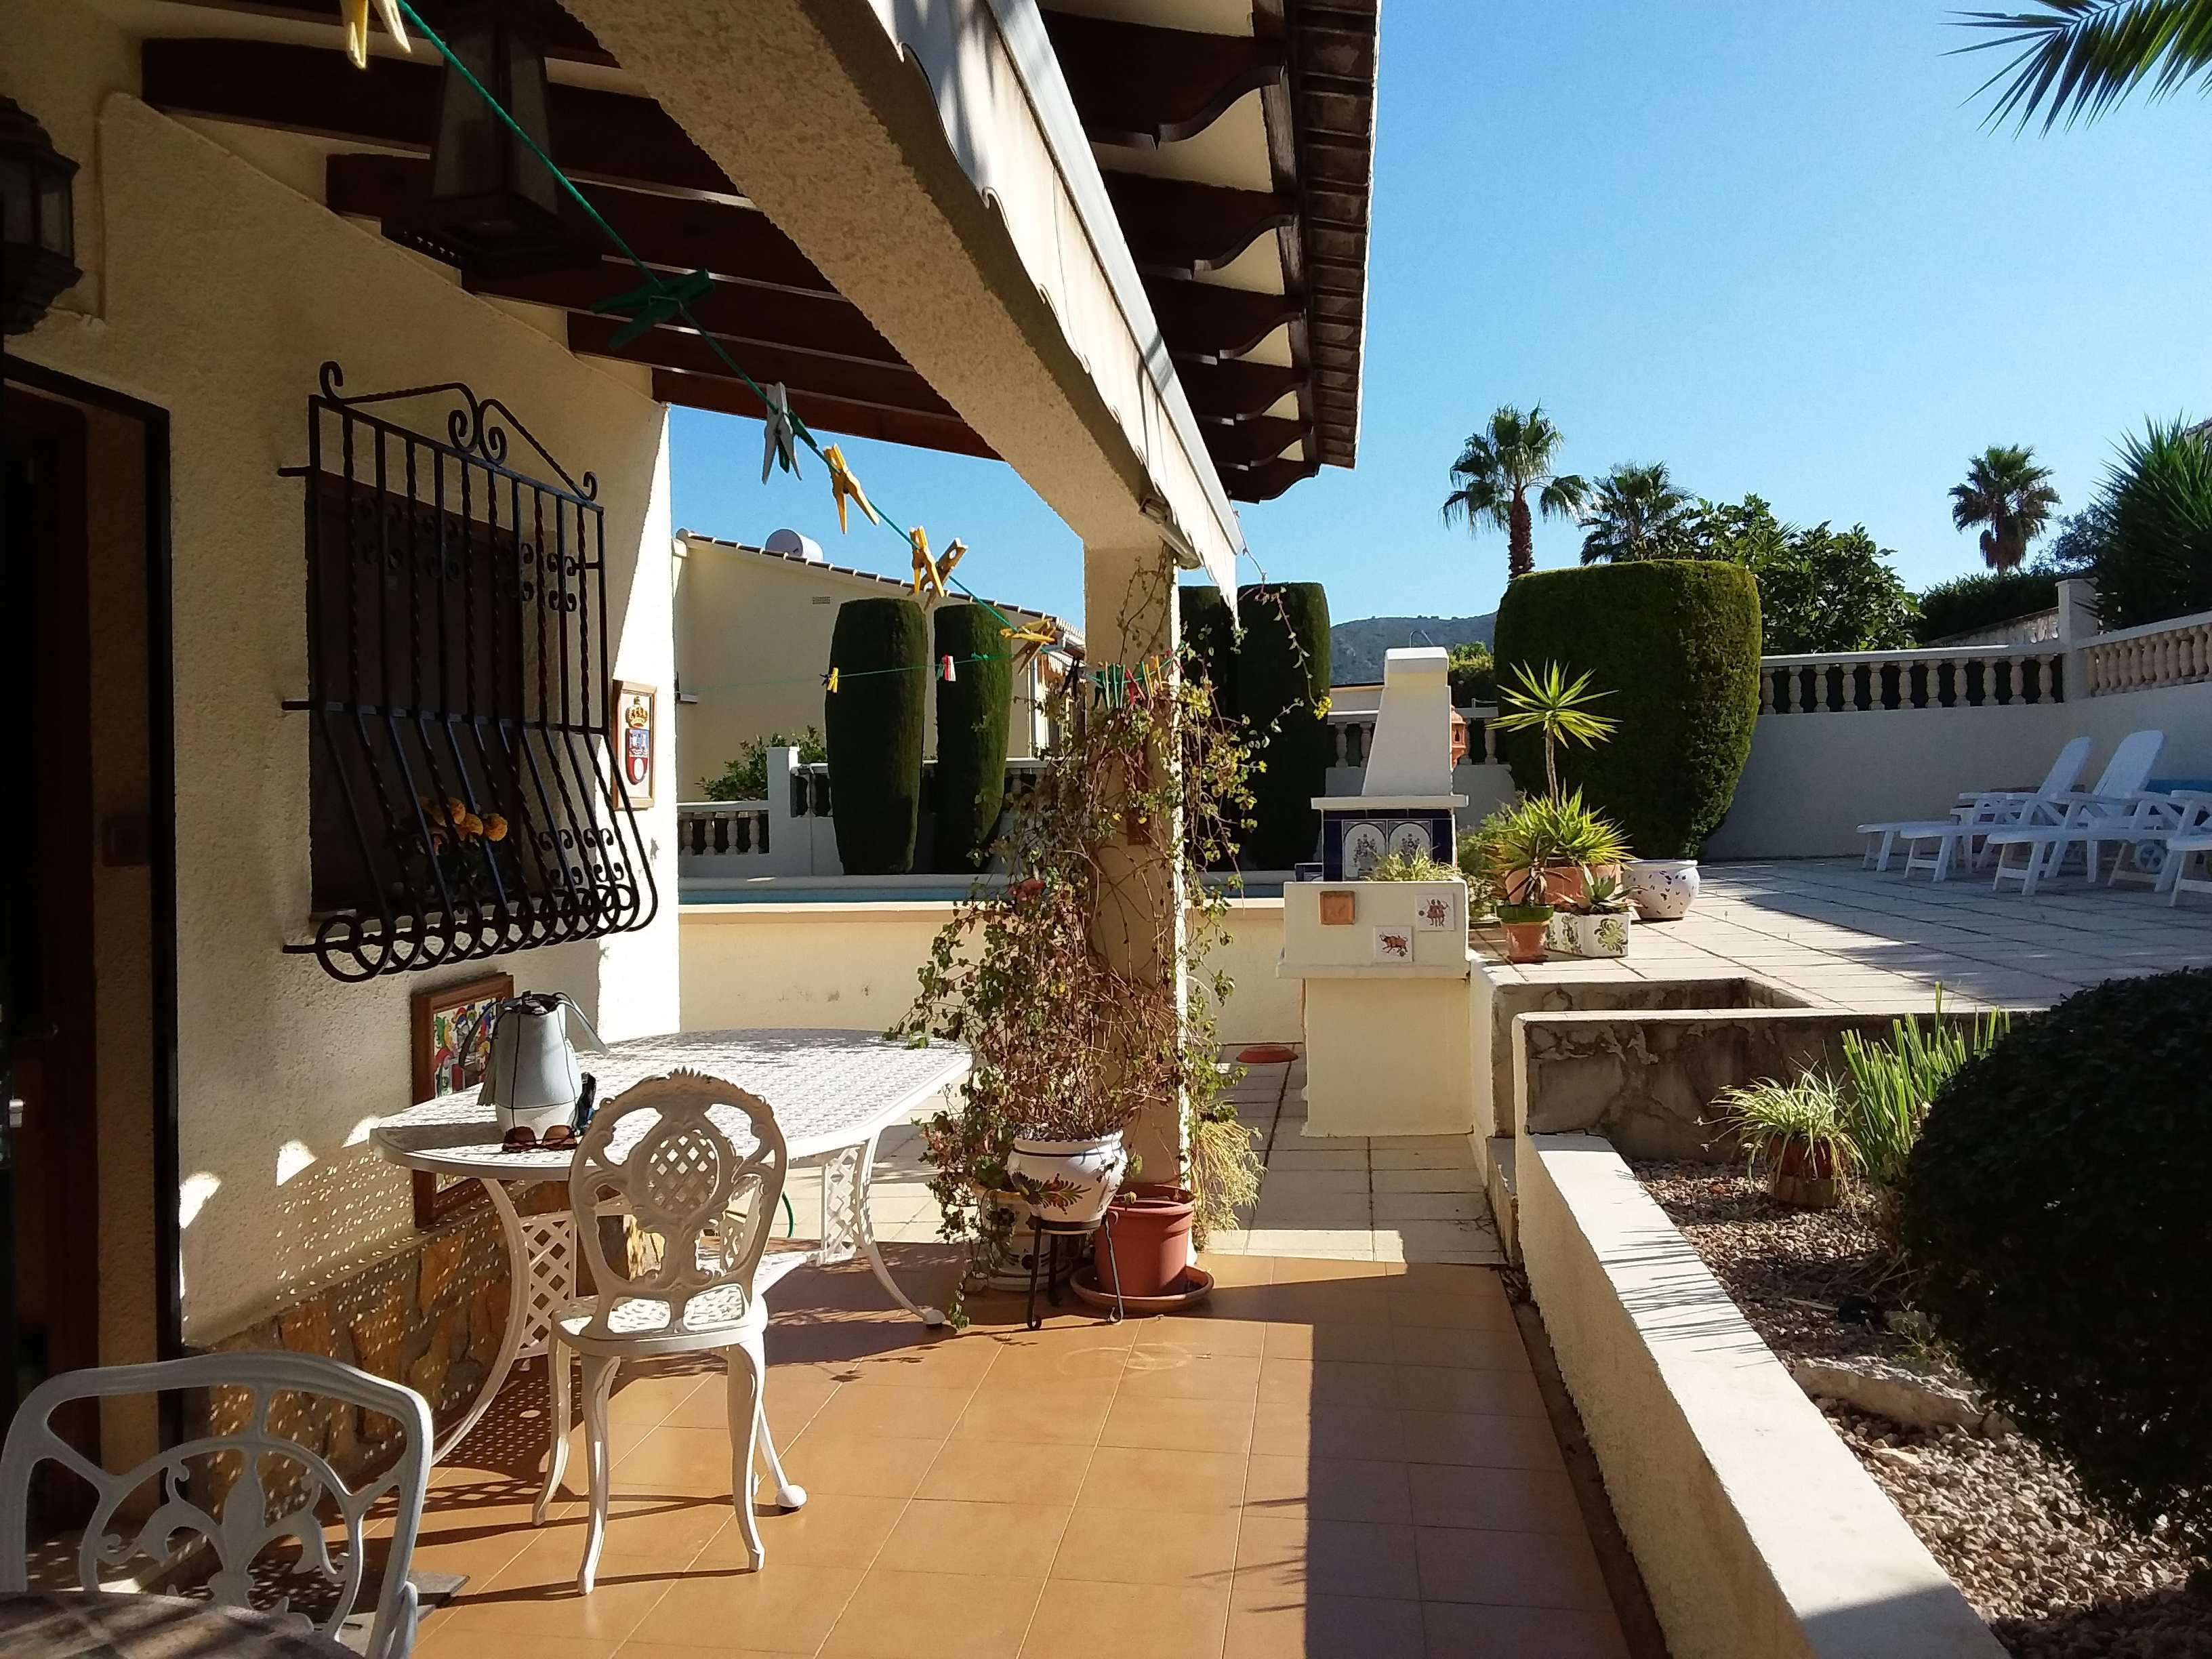 Galerie de photos - 38 - Olea-Home | Real Estate en Orba y Teulada-Moraira |